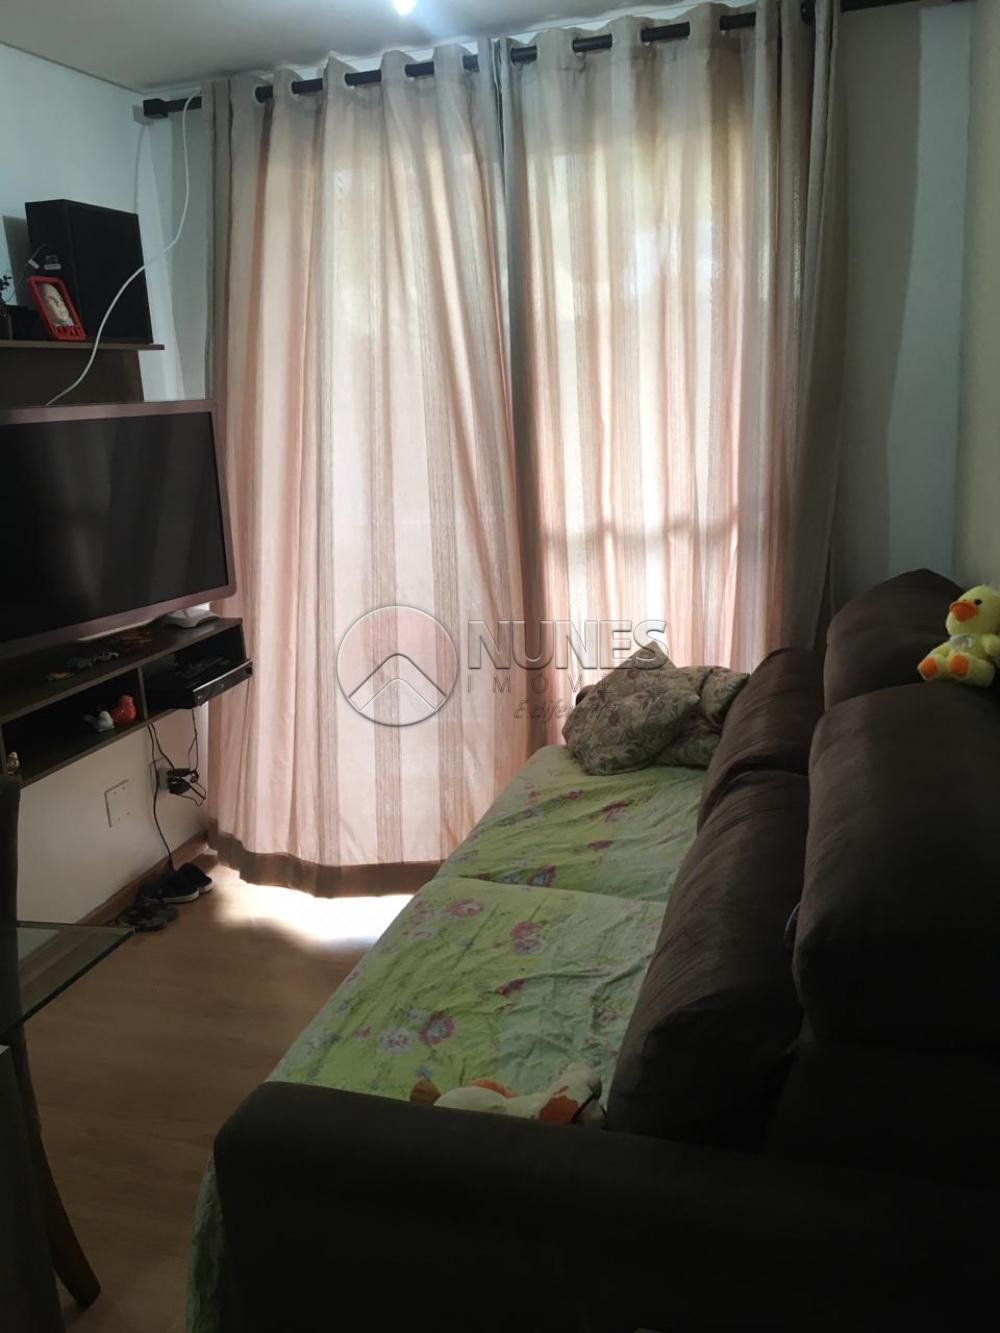 Comprar Apartamento / Padrão em Osasco apenas R$ 167.000,00 - Foto 3